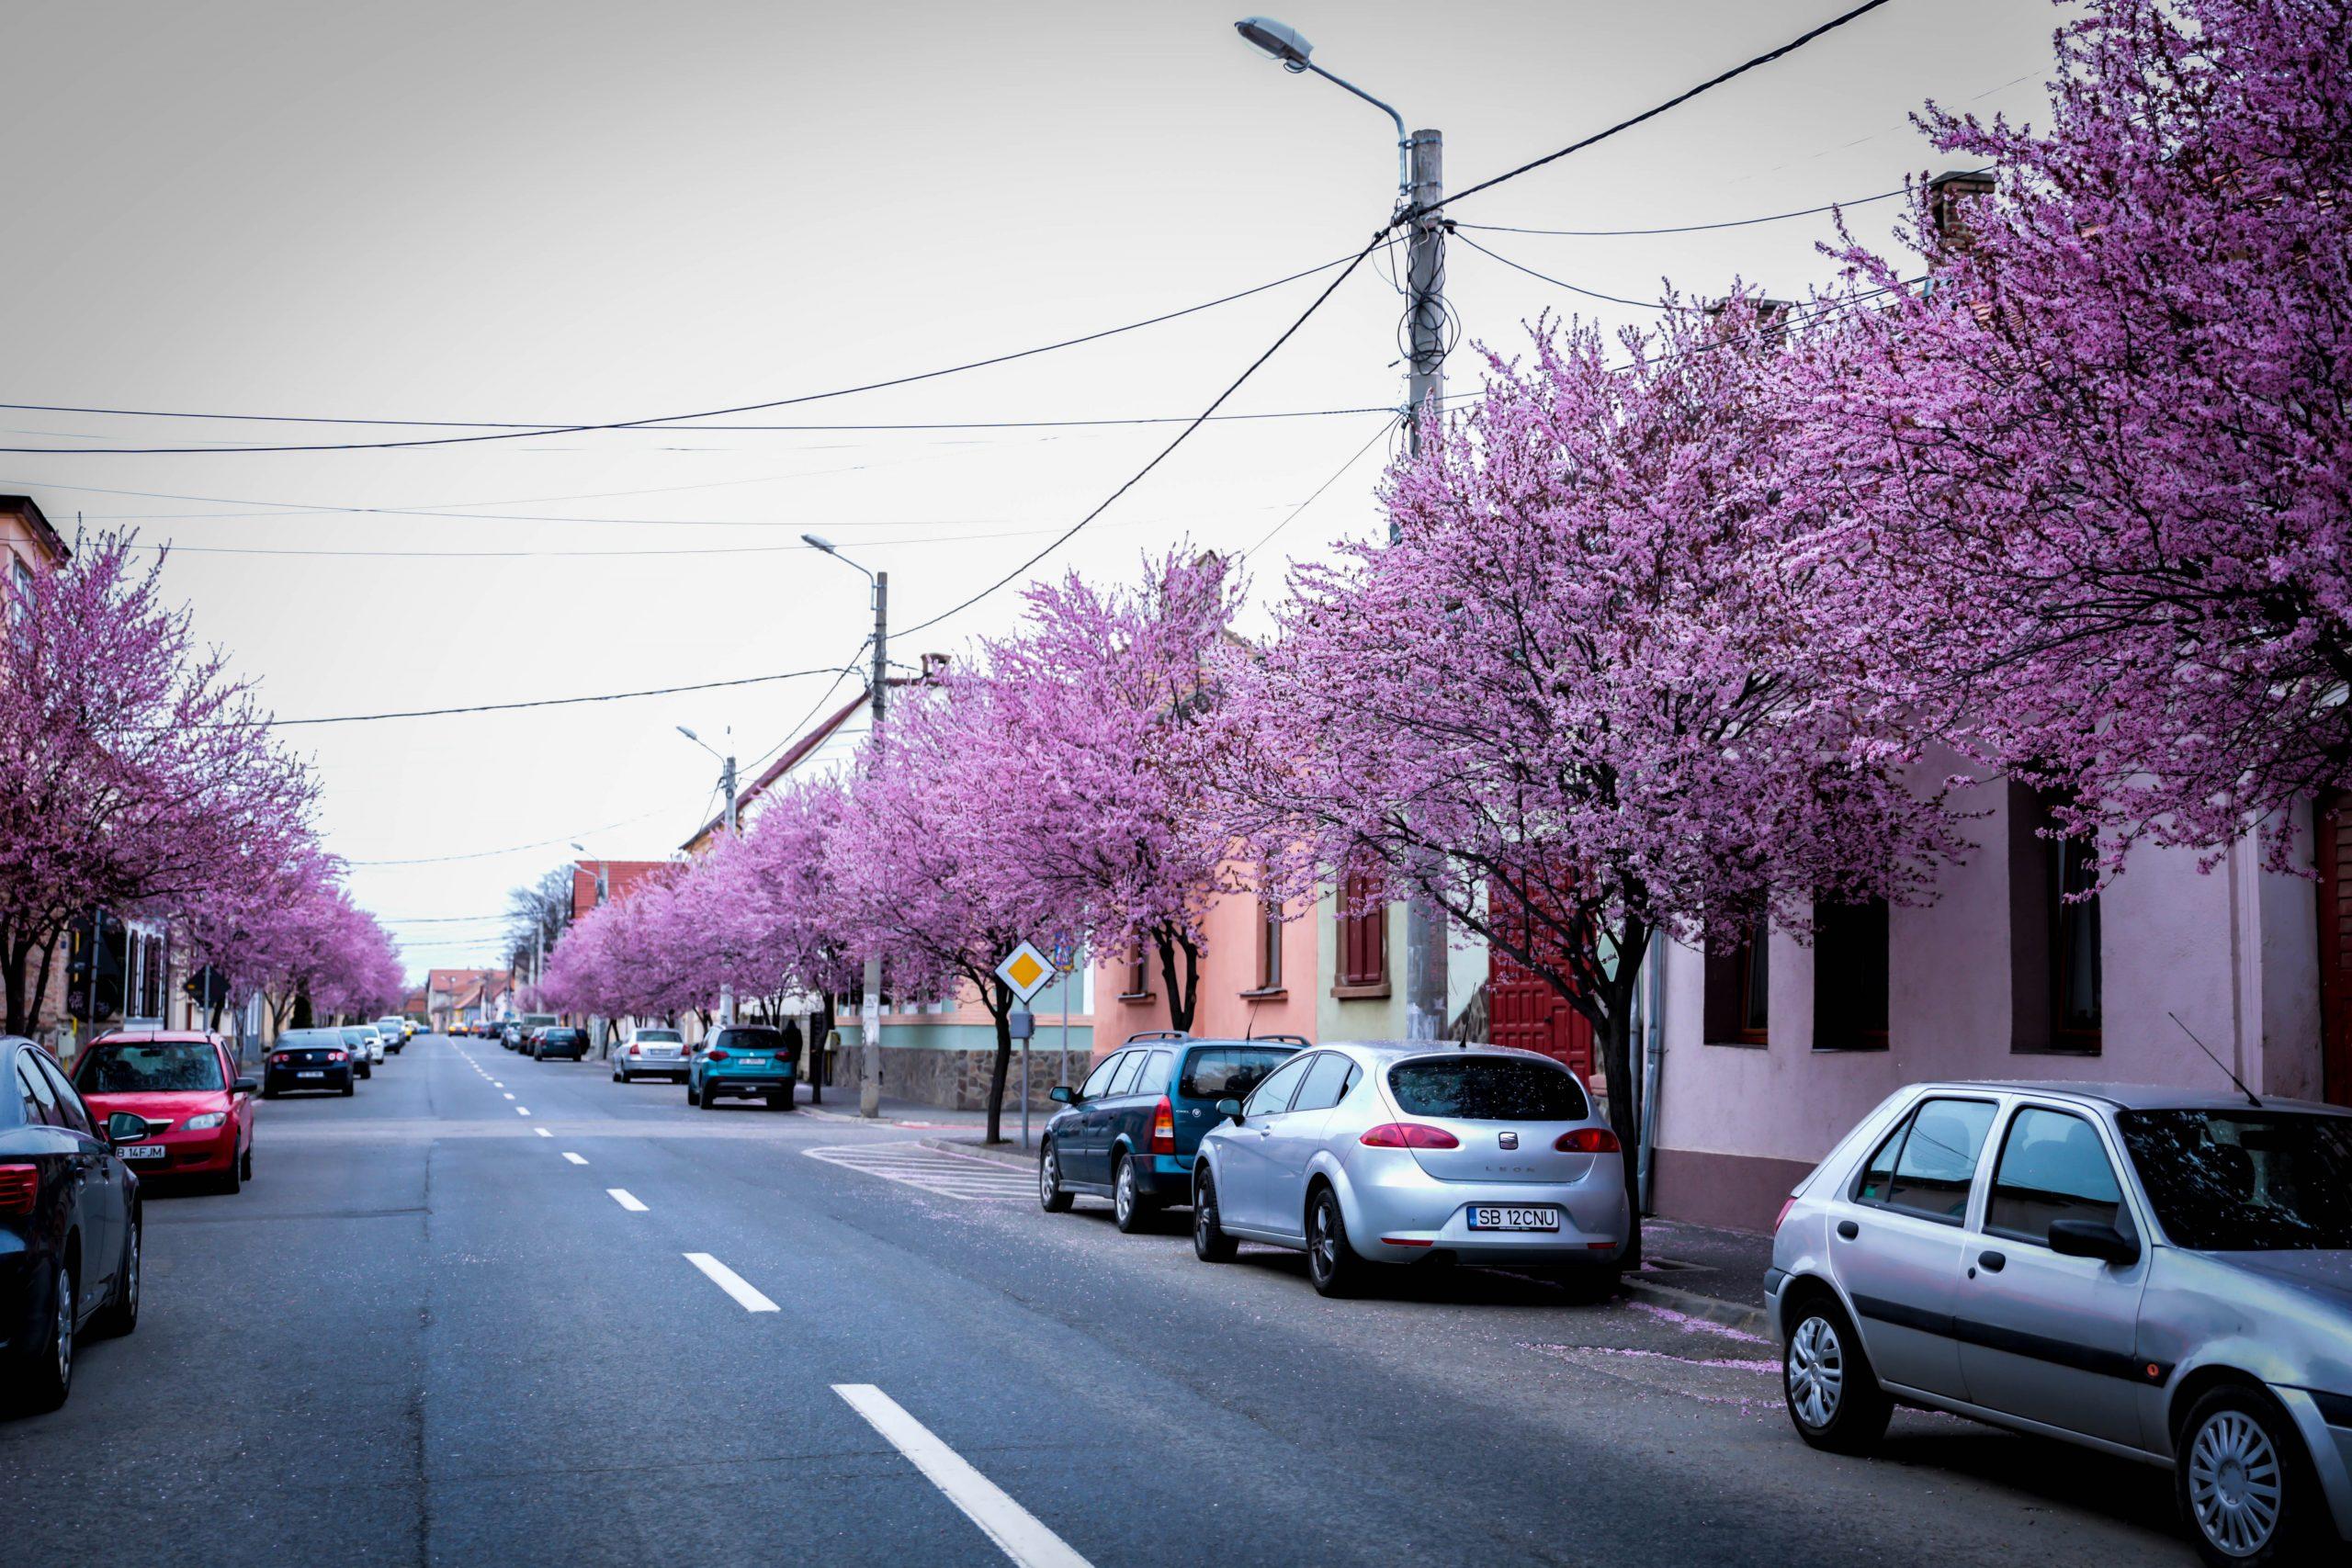 FOTO | În fiecare an, o stradă din Sibiu se transformă într-unul dintre locurile de poveste ale oraşului